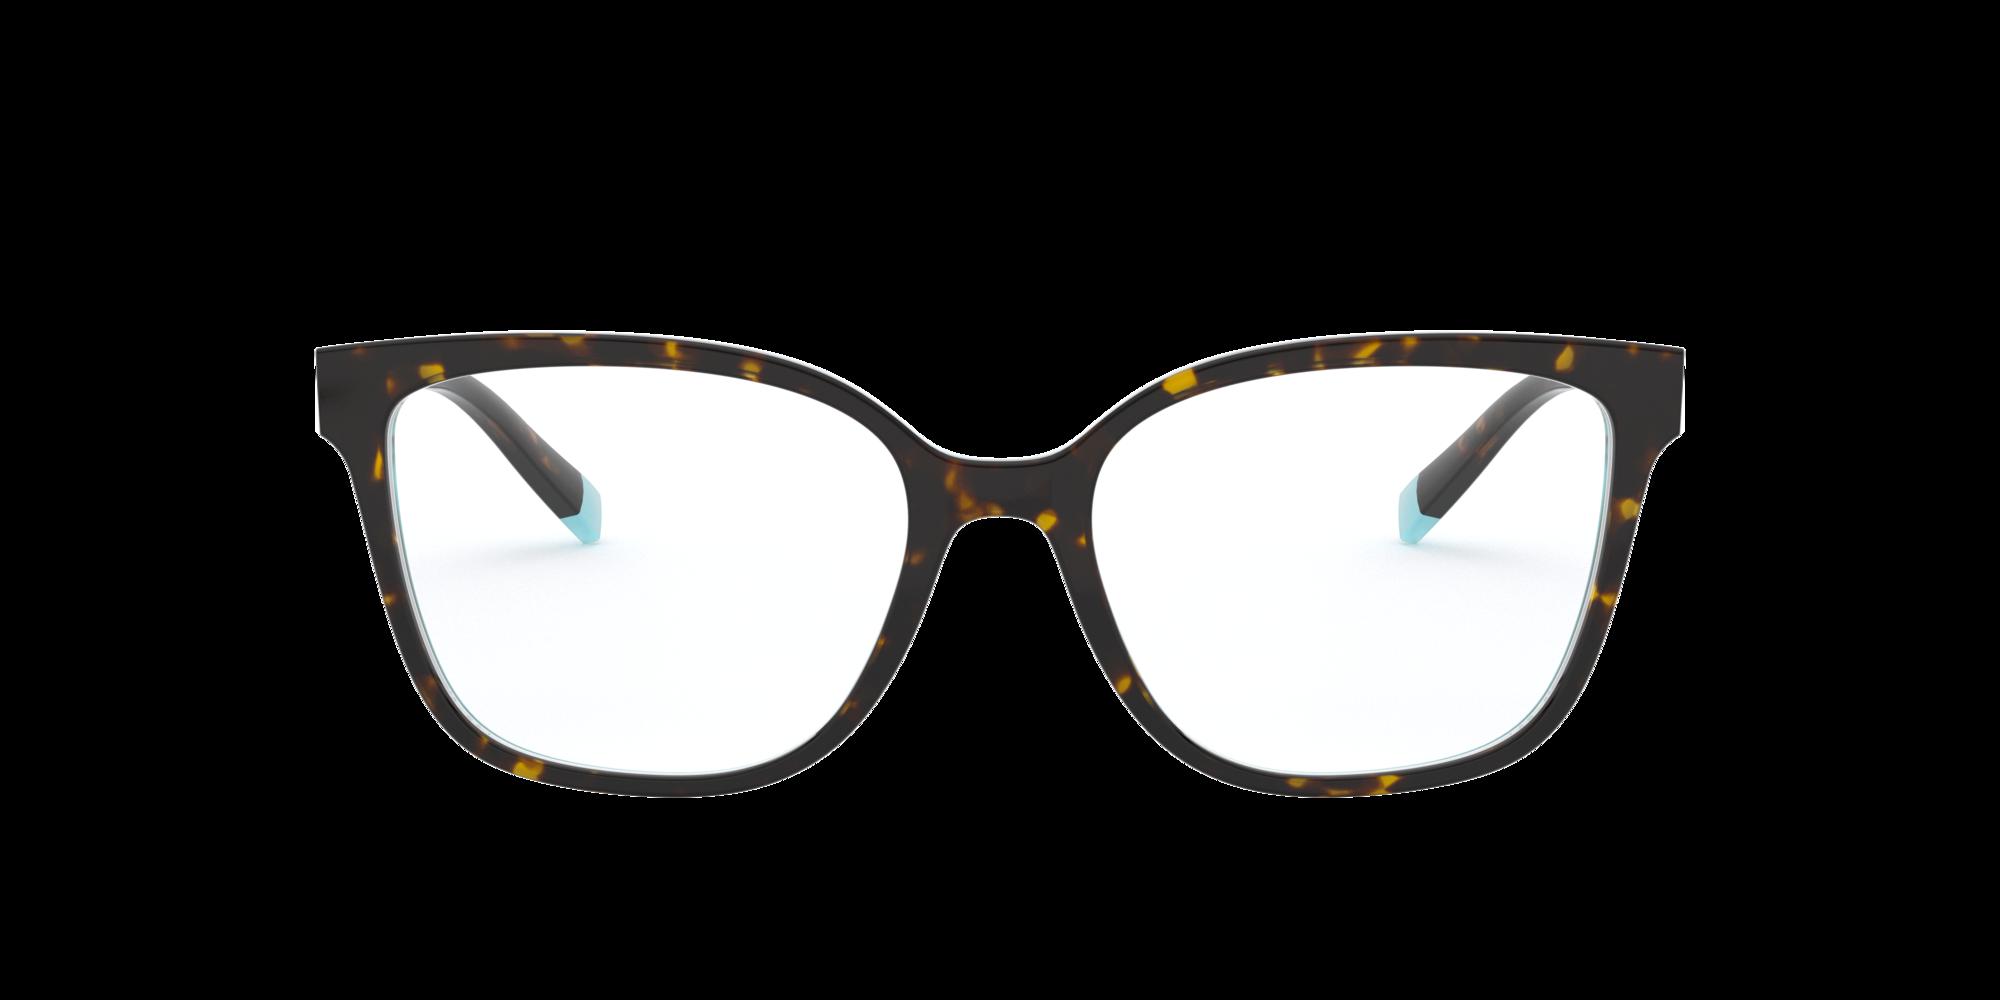 Imagen para TF2189 de LensCrafters |  Espejuelos, espejuelos graduados en línea, gafas